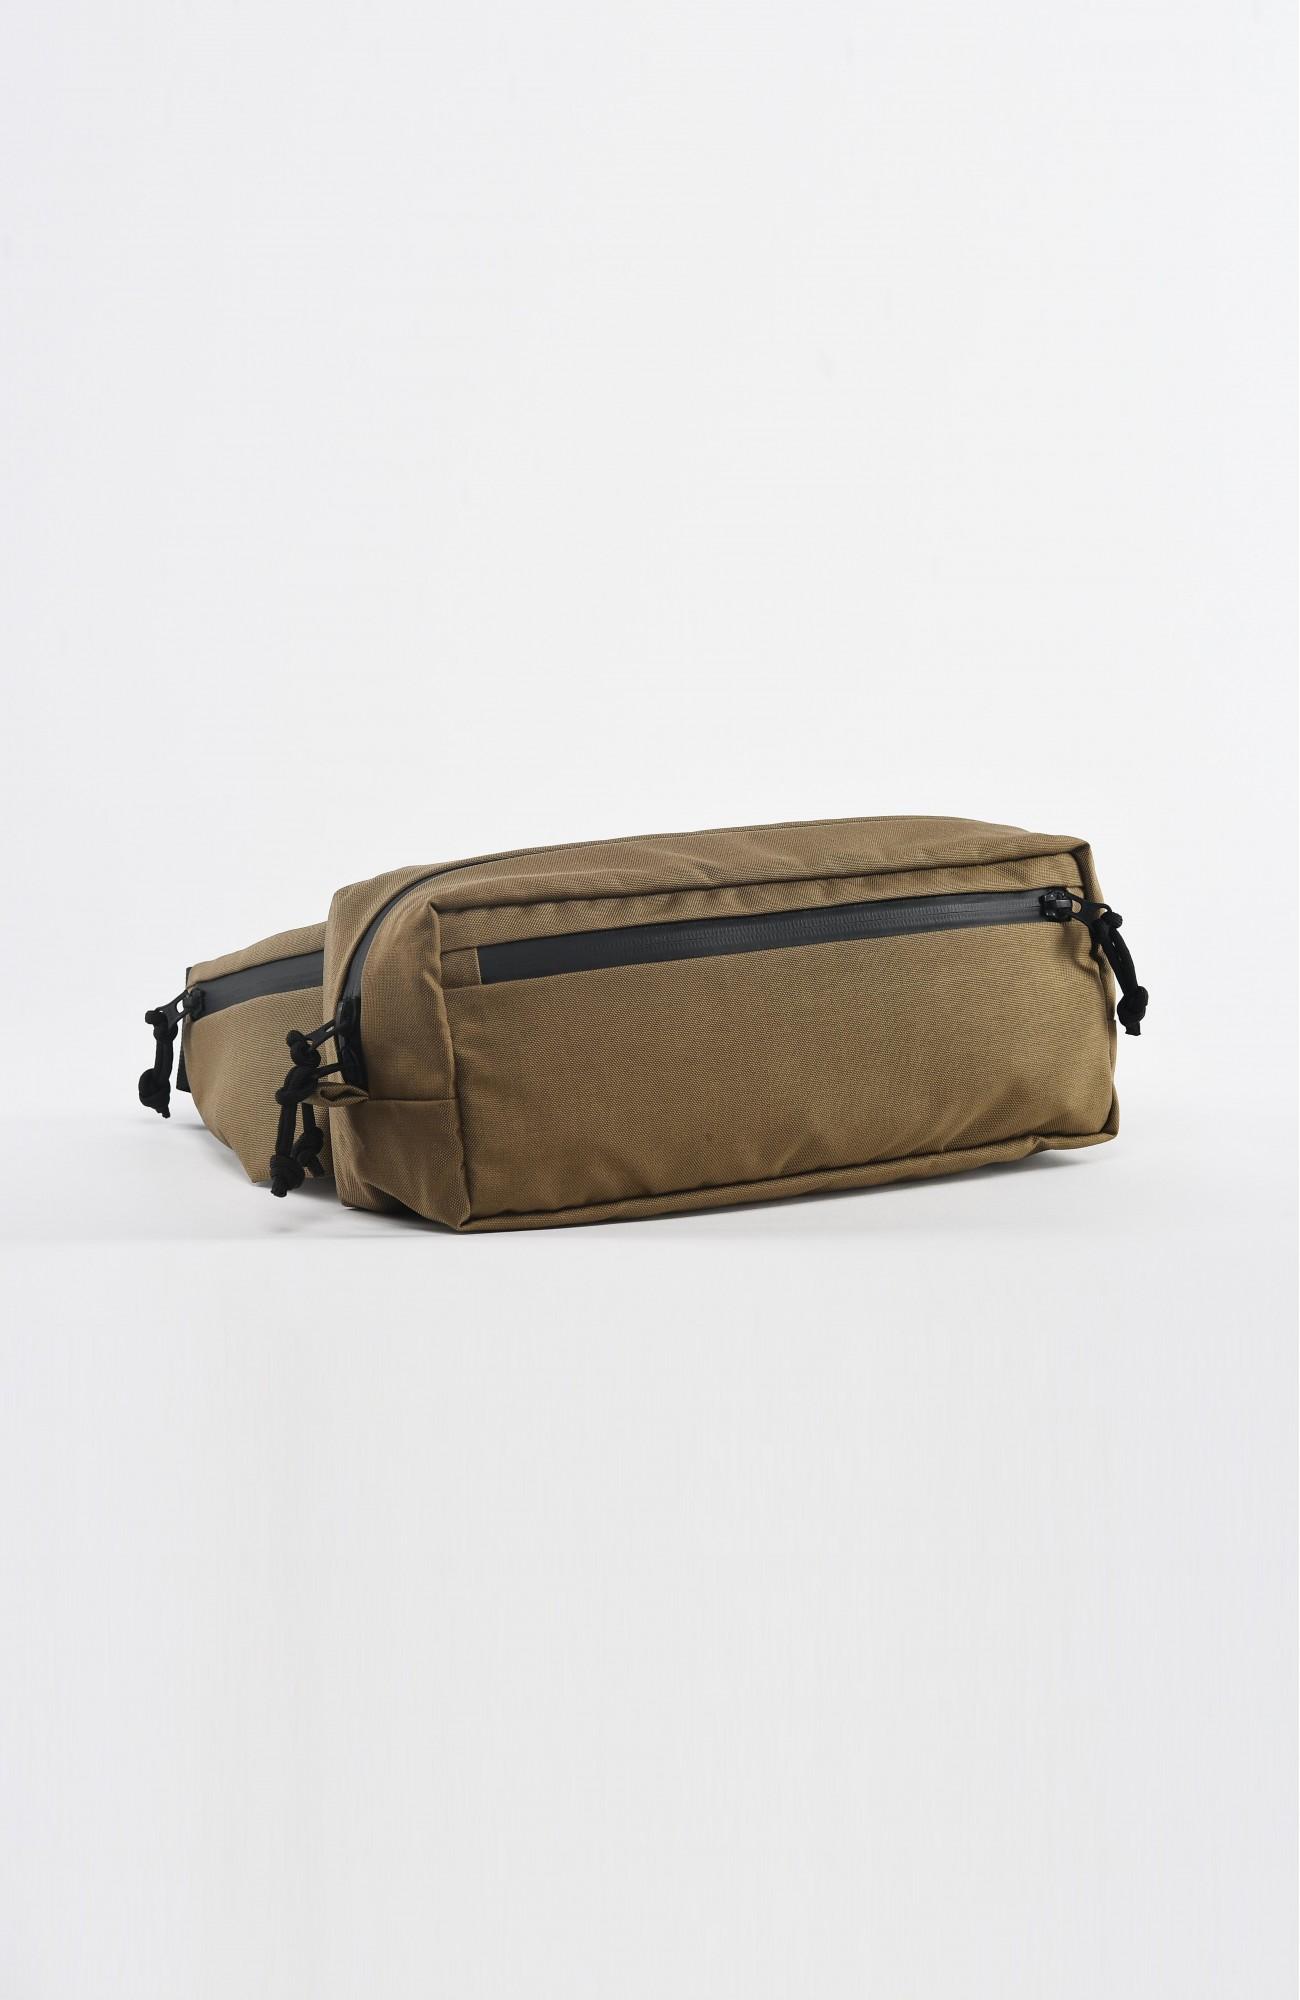 Fanny Pack Huru, brown, сумка на пояс